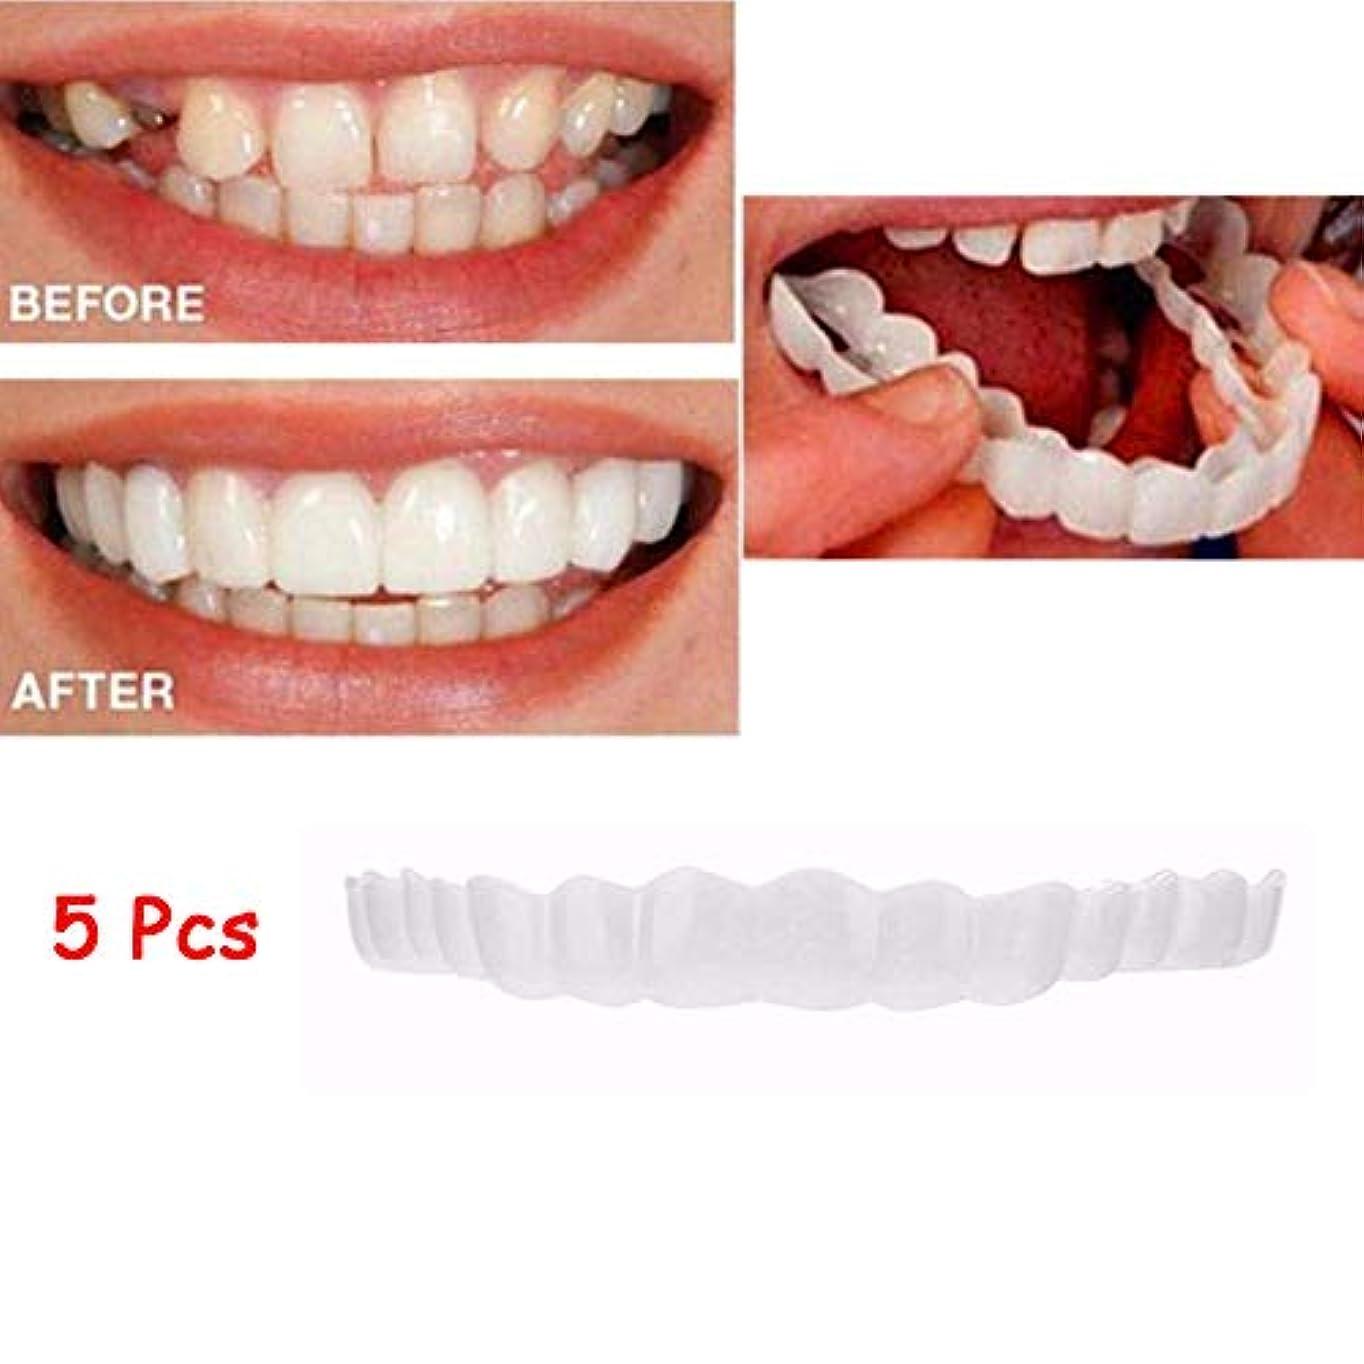 まともな検索エンジン最適化計画5本突き板、化粧品の歯 - 一時的な笑顔の快適さフィットフレックス化粧品の歯ワンサイズは最も快適な歯のベニーにフィット